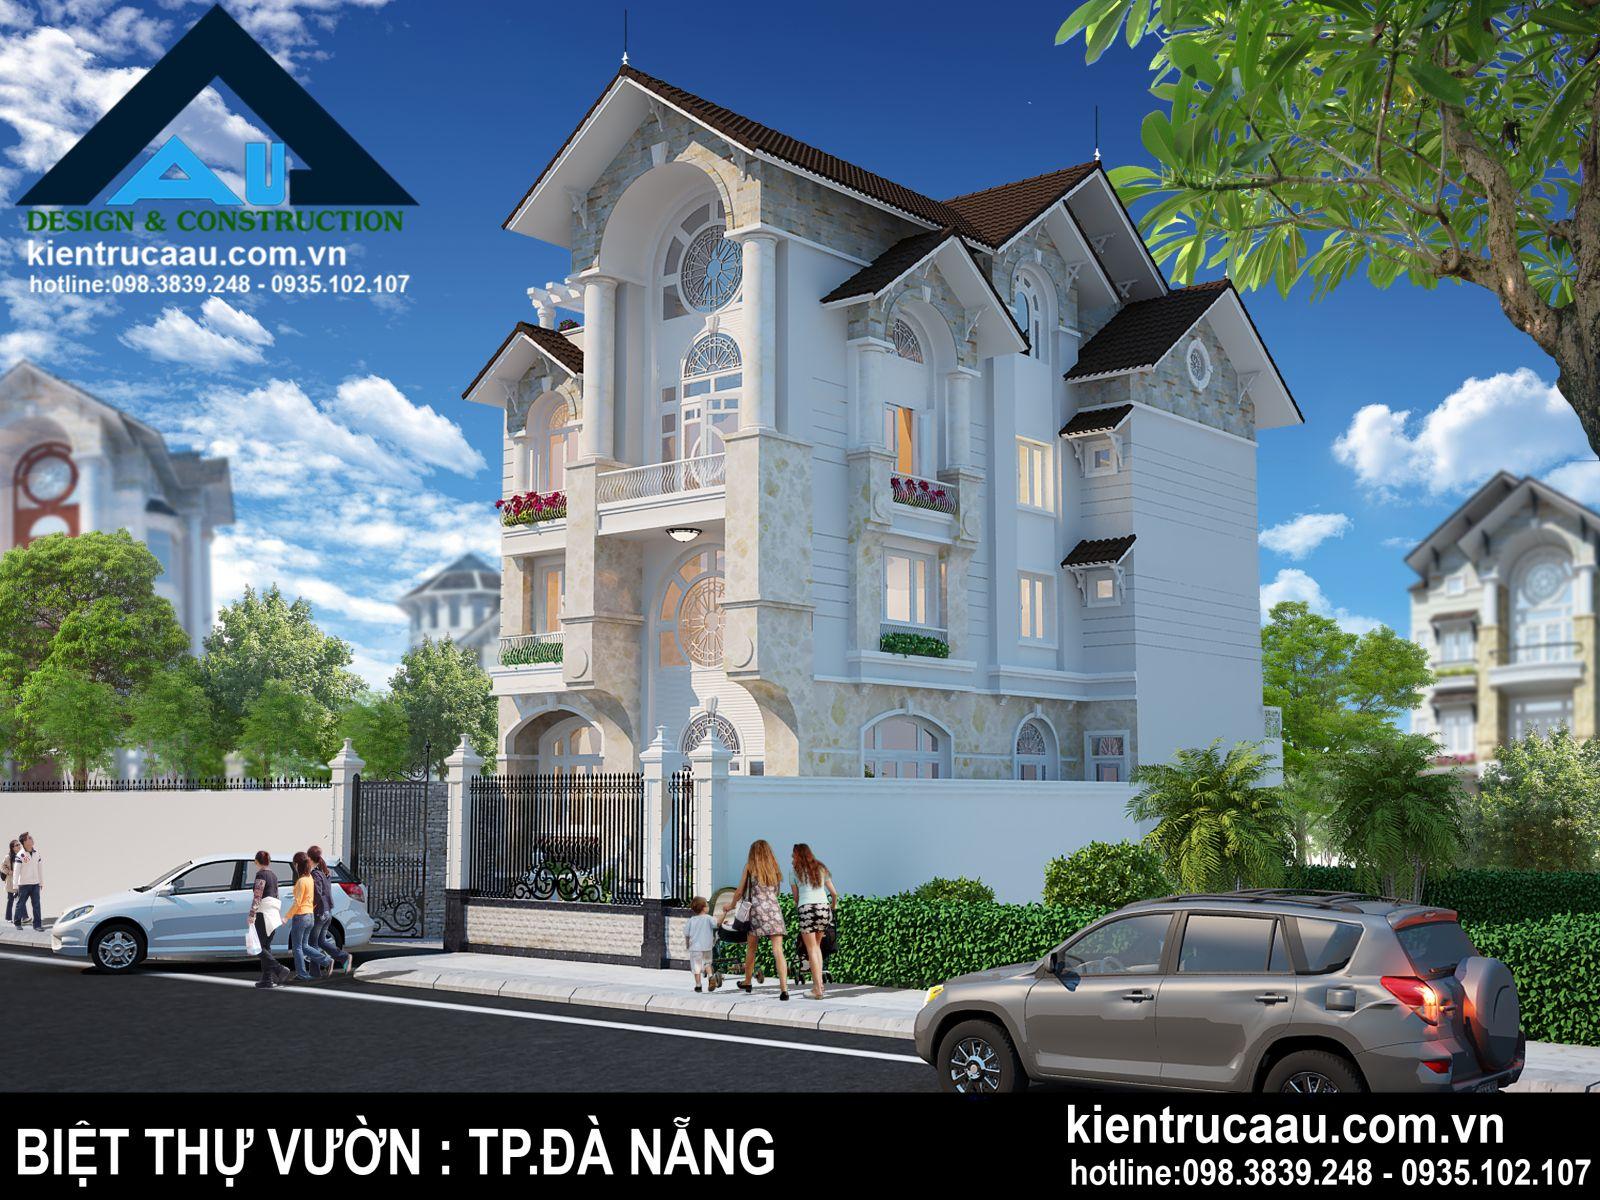 Thiết kế biệt thự vườn tại Đà Nẵng cần diện tích bao nhiêu?